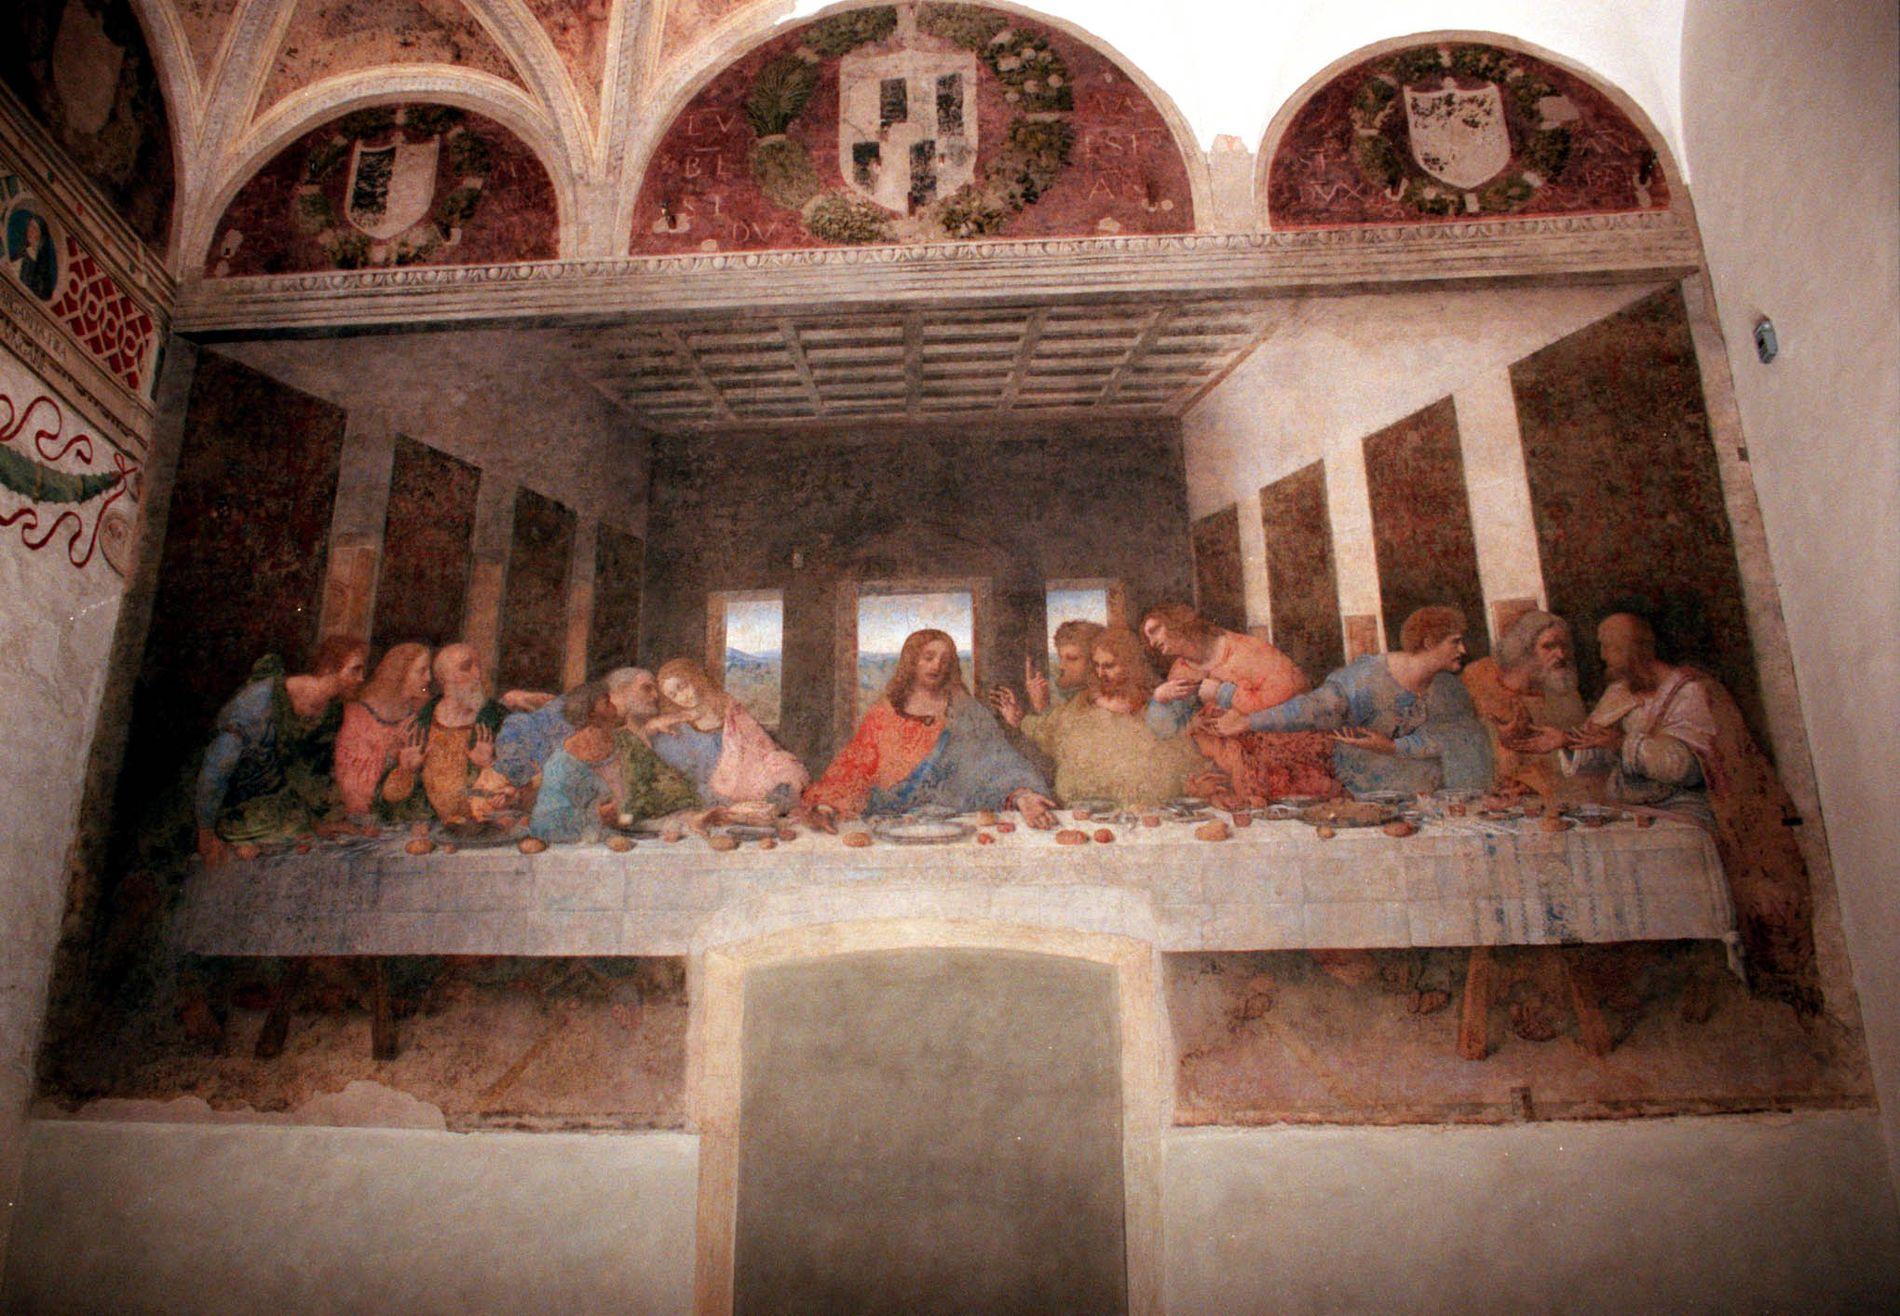 JESU BLOD: – Vinen lovprises vinen av flere bibelske forfattere, skriver Kim Larsen. Leonardos berømte freske «Det siste måltid» kan oppleves i Santa Maria delle Grazie-kriken i Milano.